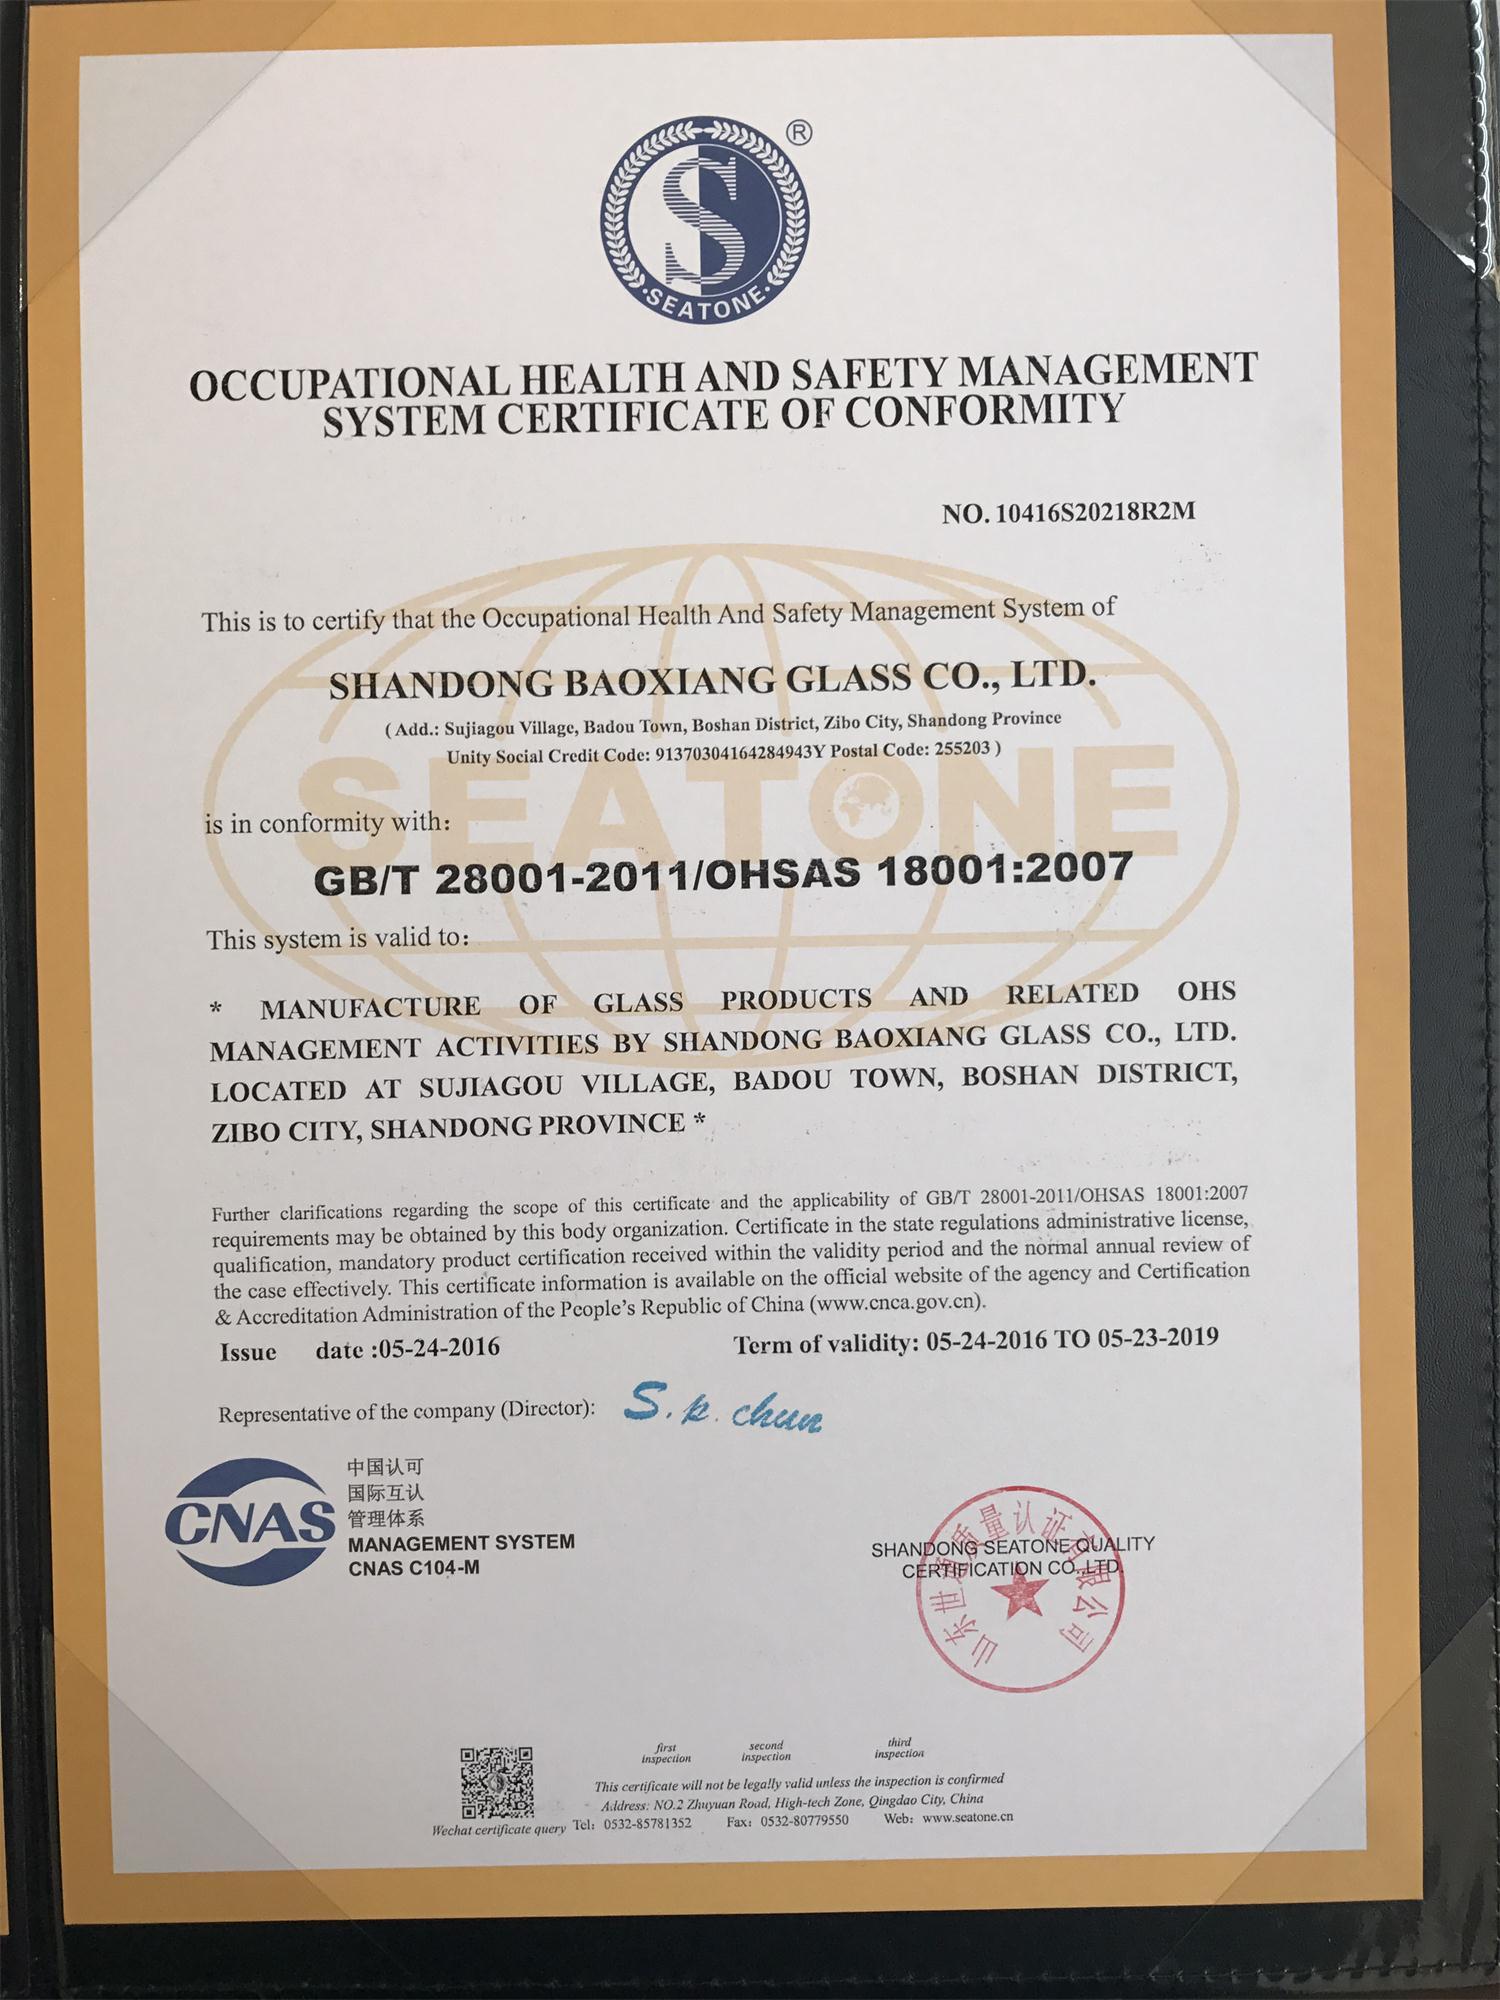 GB/T 28001-2011 / OHSAS 18001:2007